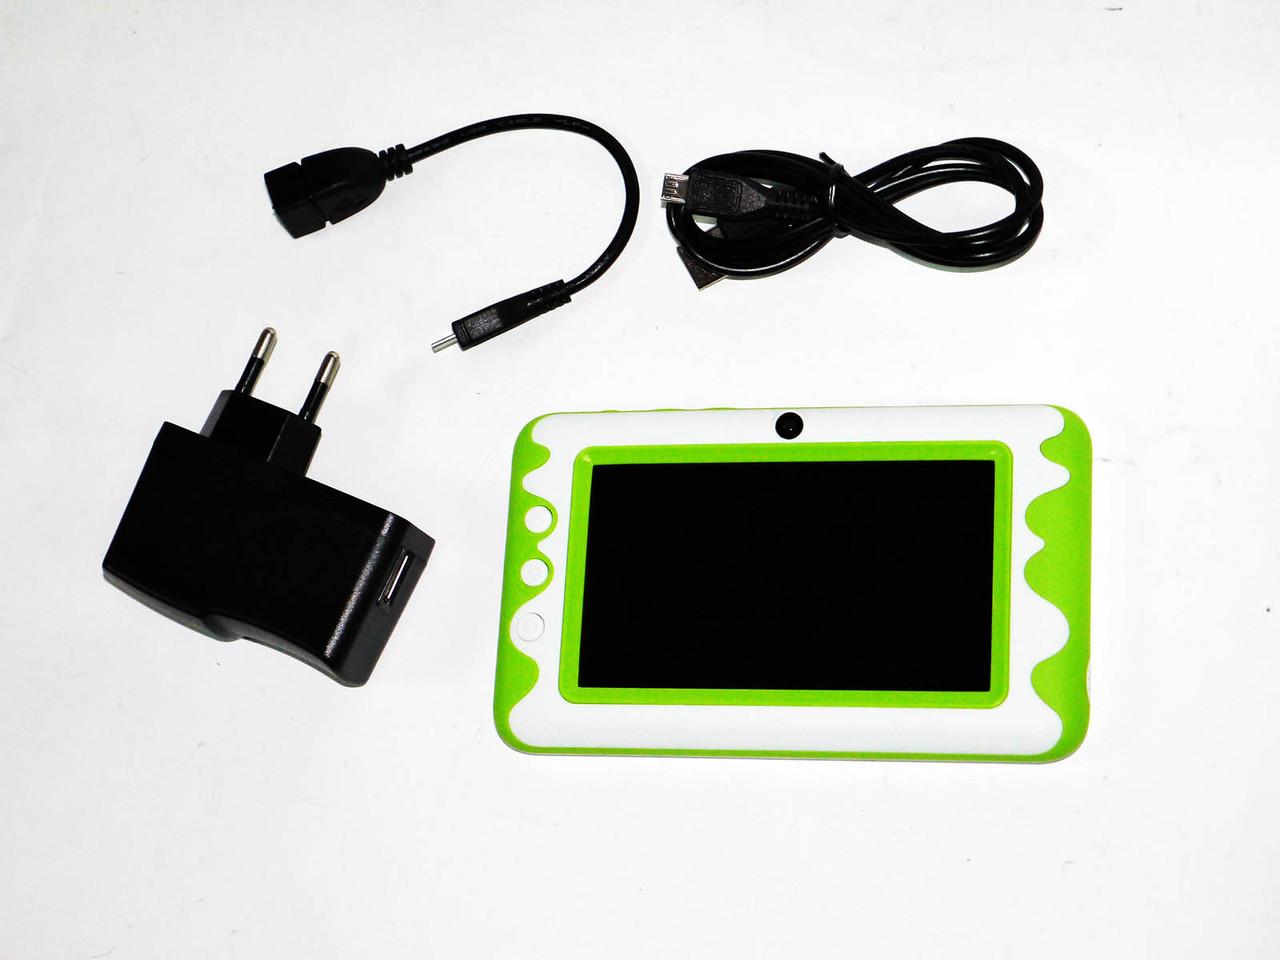 UKC 402R Детский планшет Android - Родительский контроль